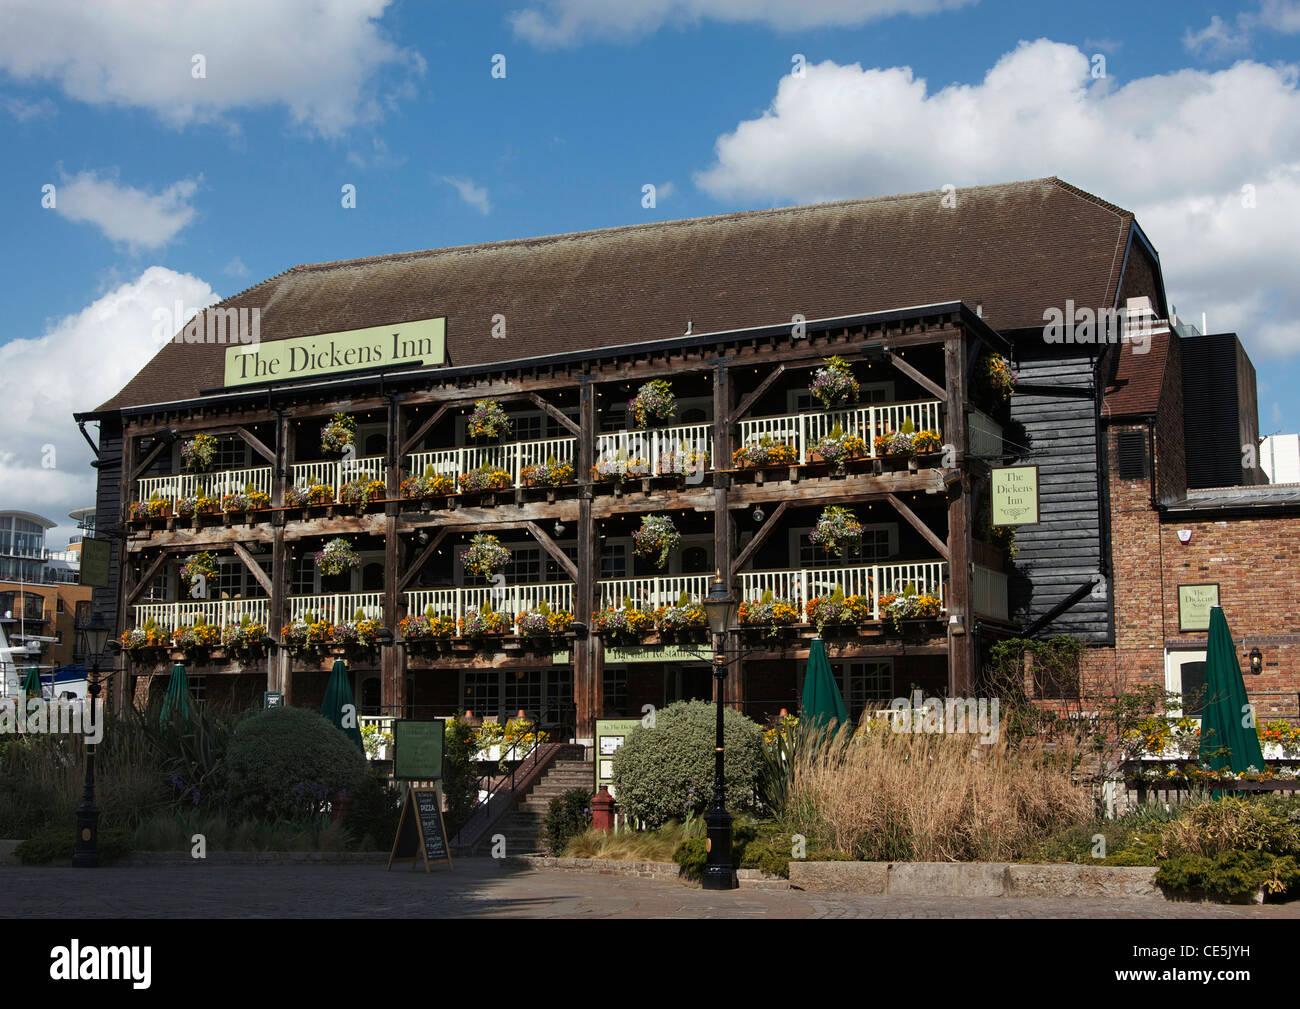 The Dickens Inn, St. Katharine's Dock, London, England, UK - Stock Image